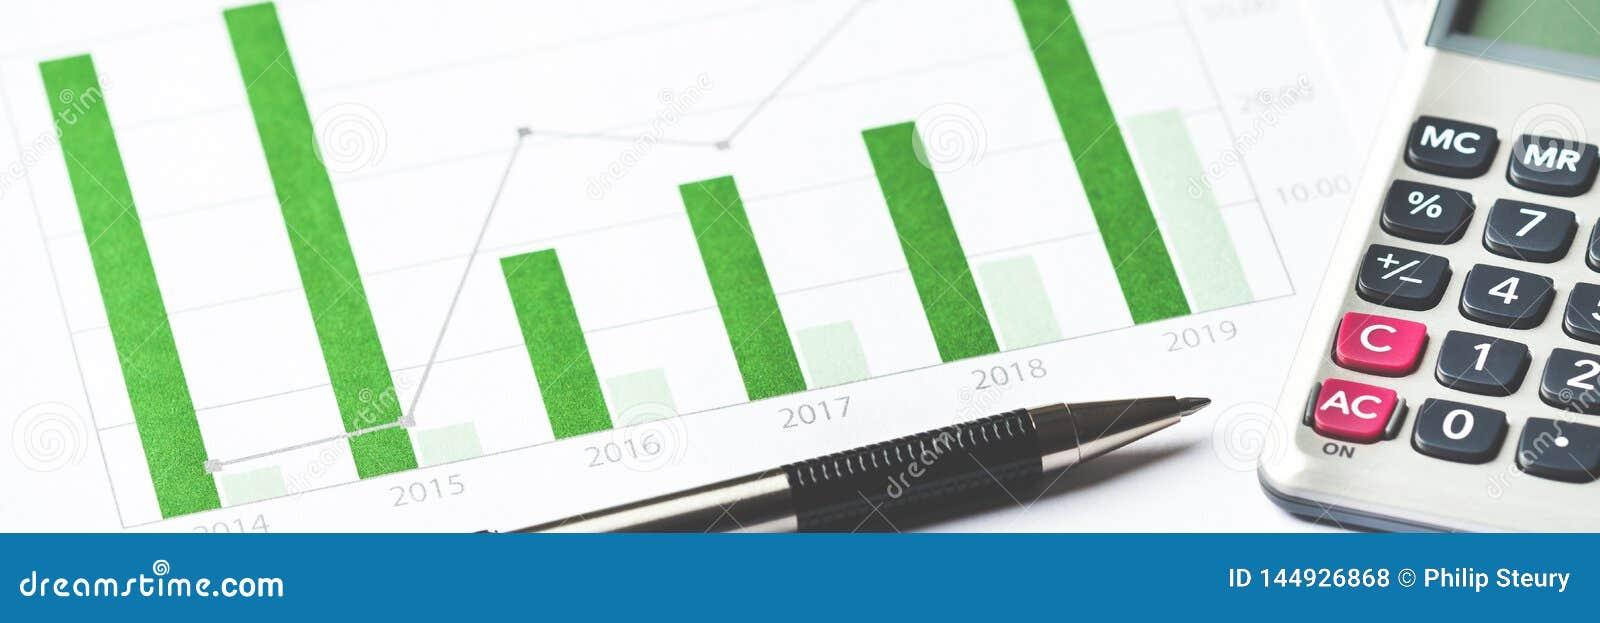 Bedrijfs grafiek die financieel succes toont